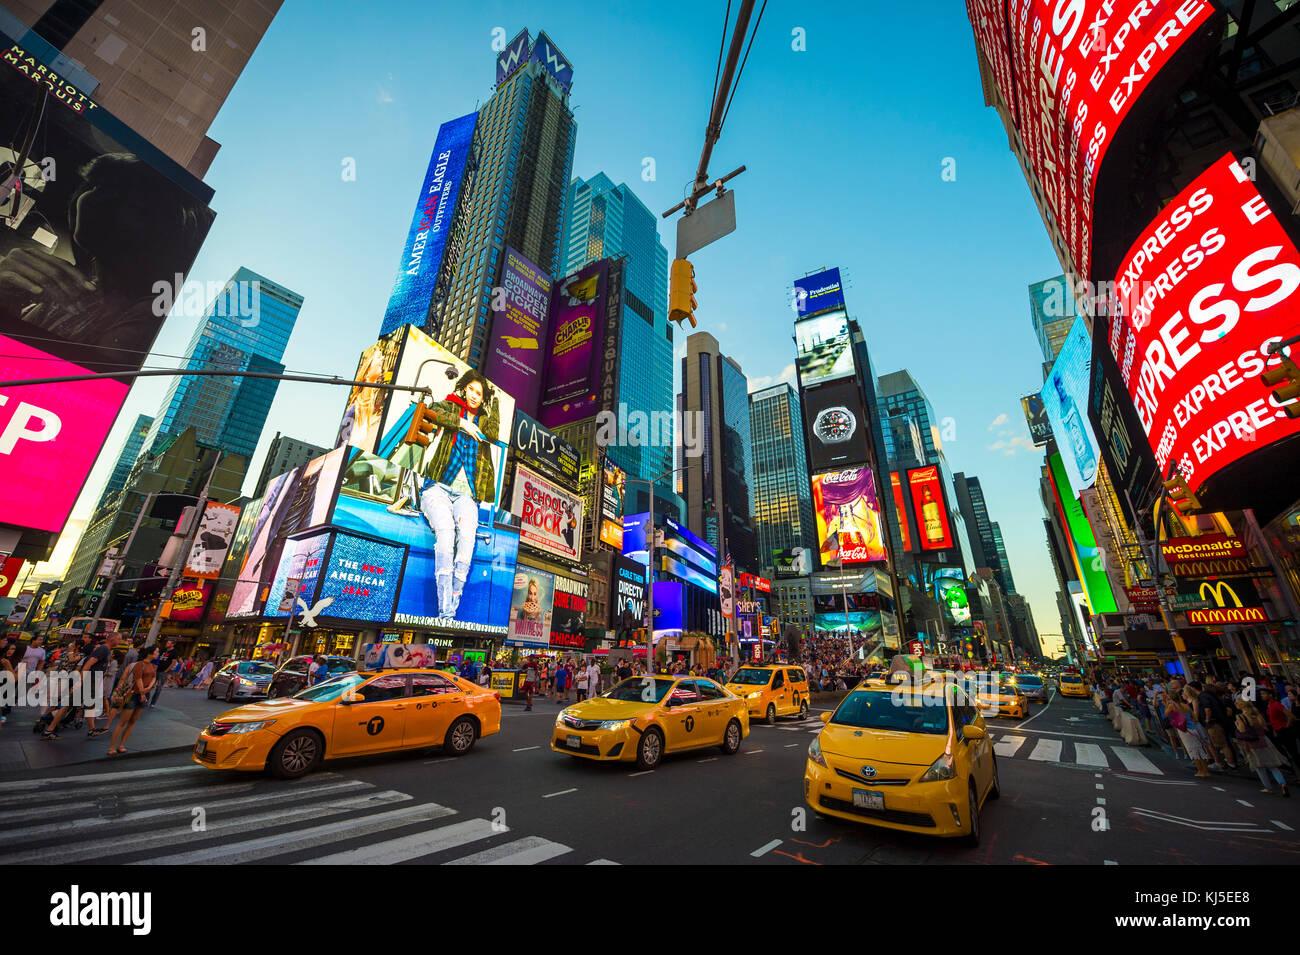 New York - 23 août 2017: néon lumineux clignote sur l'affichage des foules et de la circulation Photo Stock